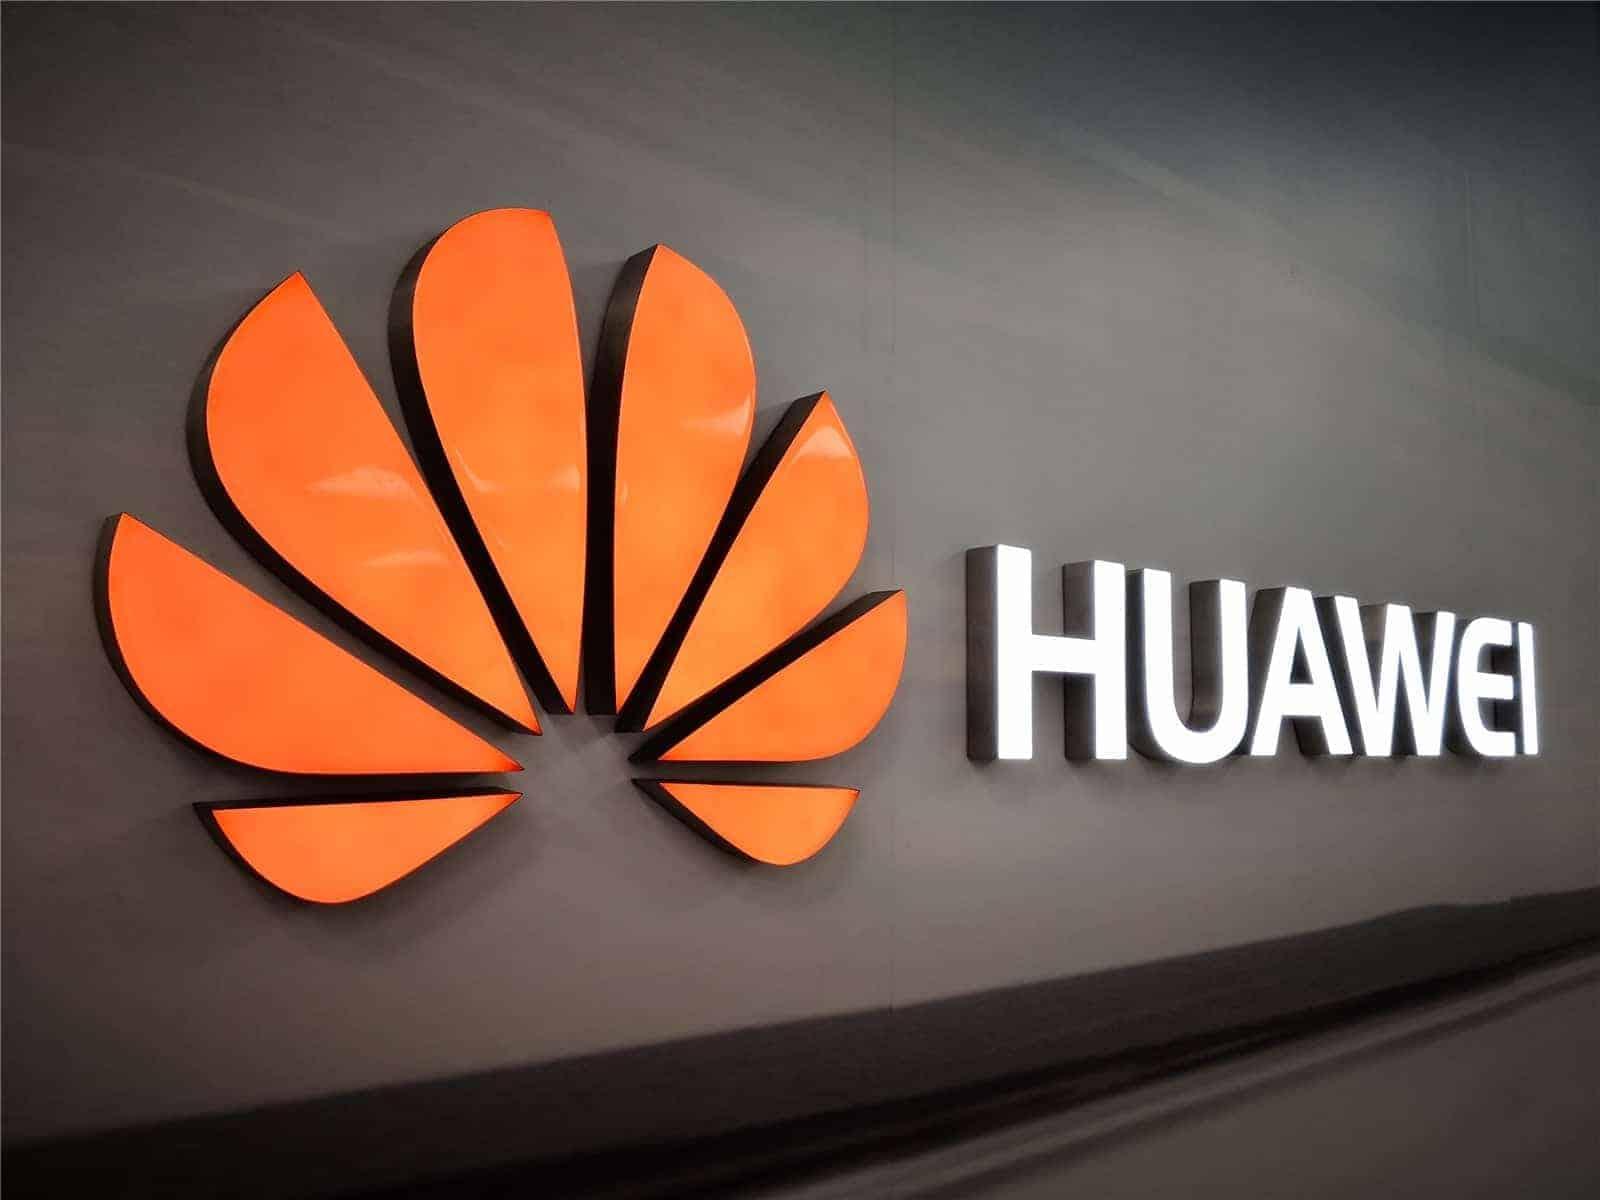 Huawei 2020 yılında Apple'a geçilebilir! Gerileme başlıyor mu?